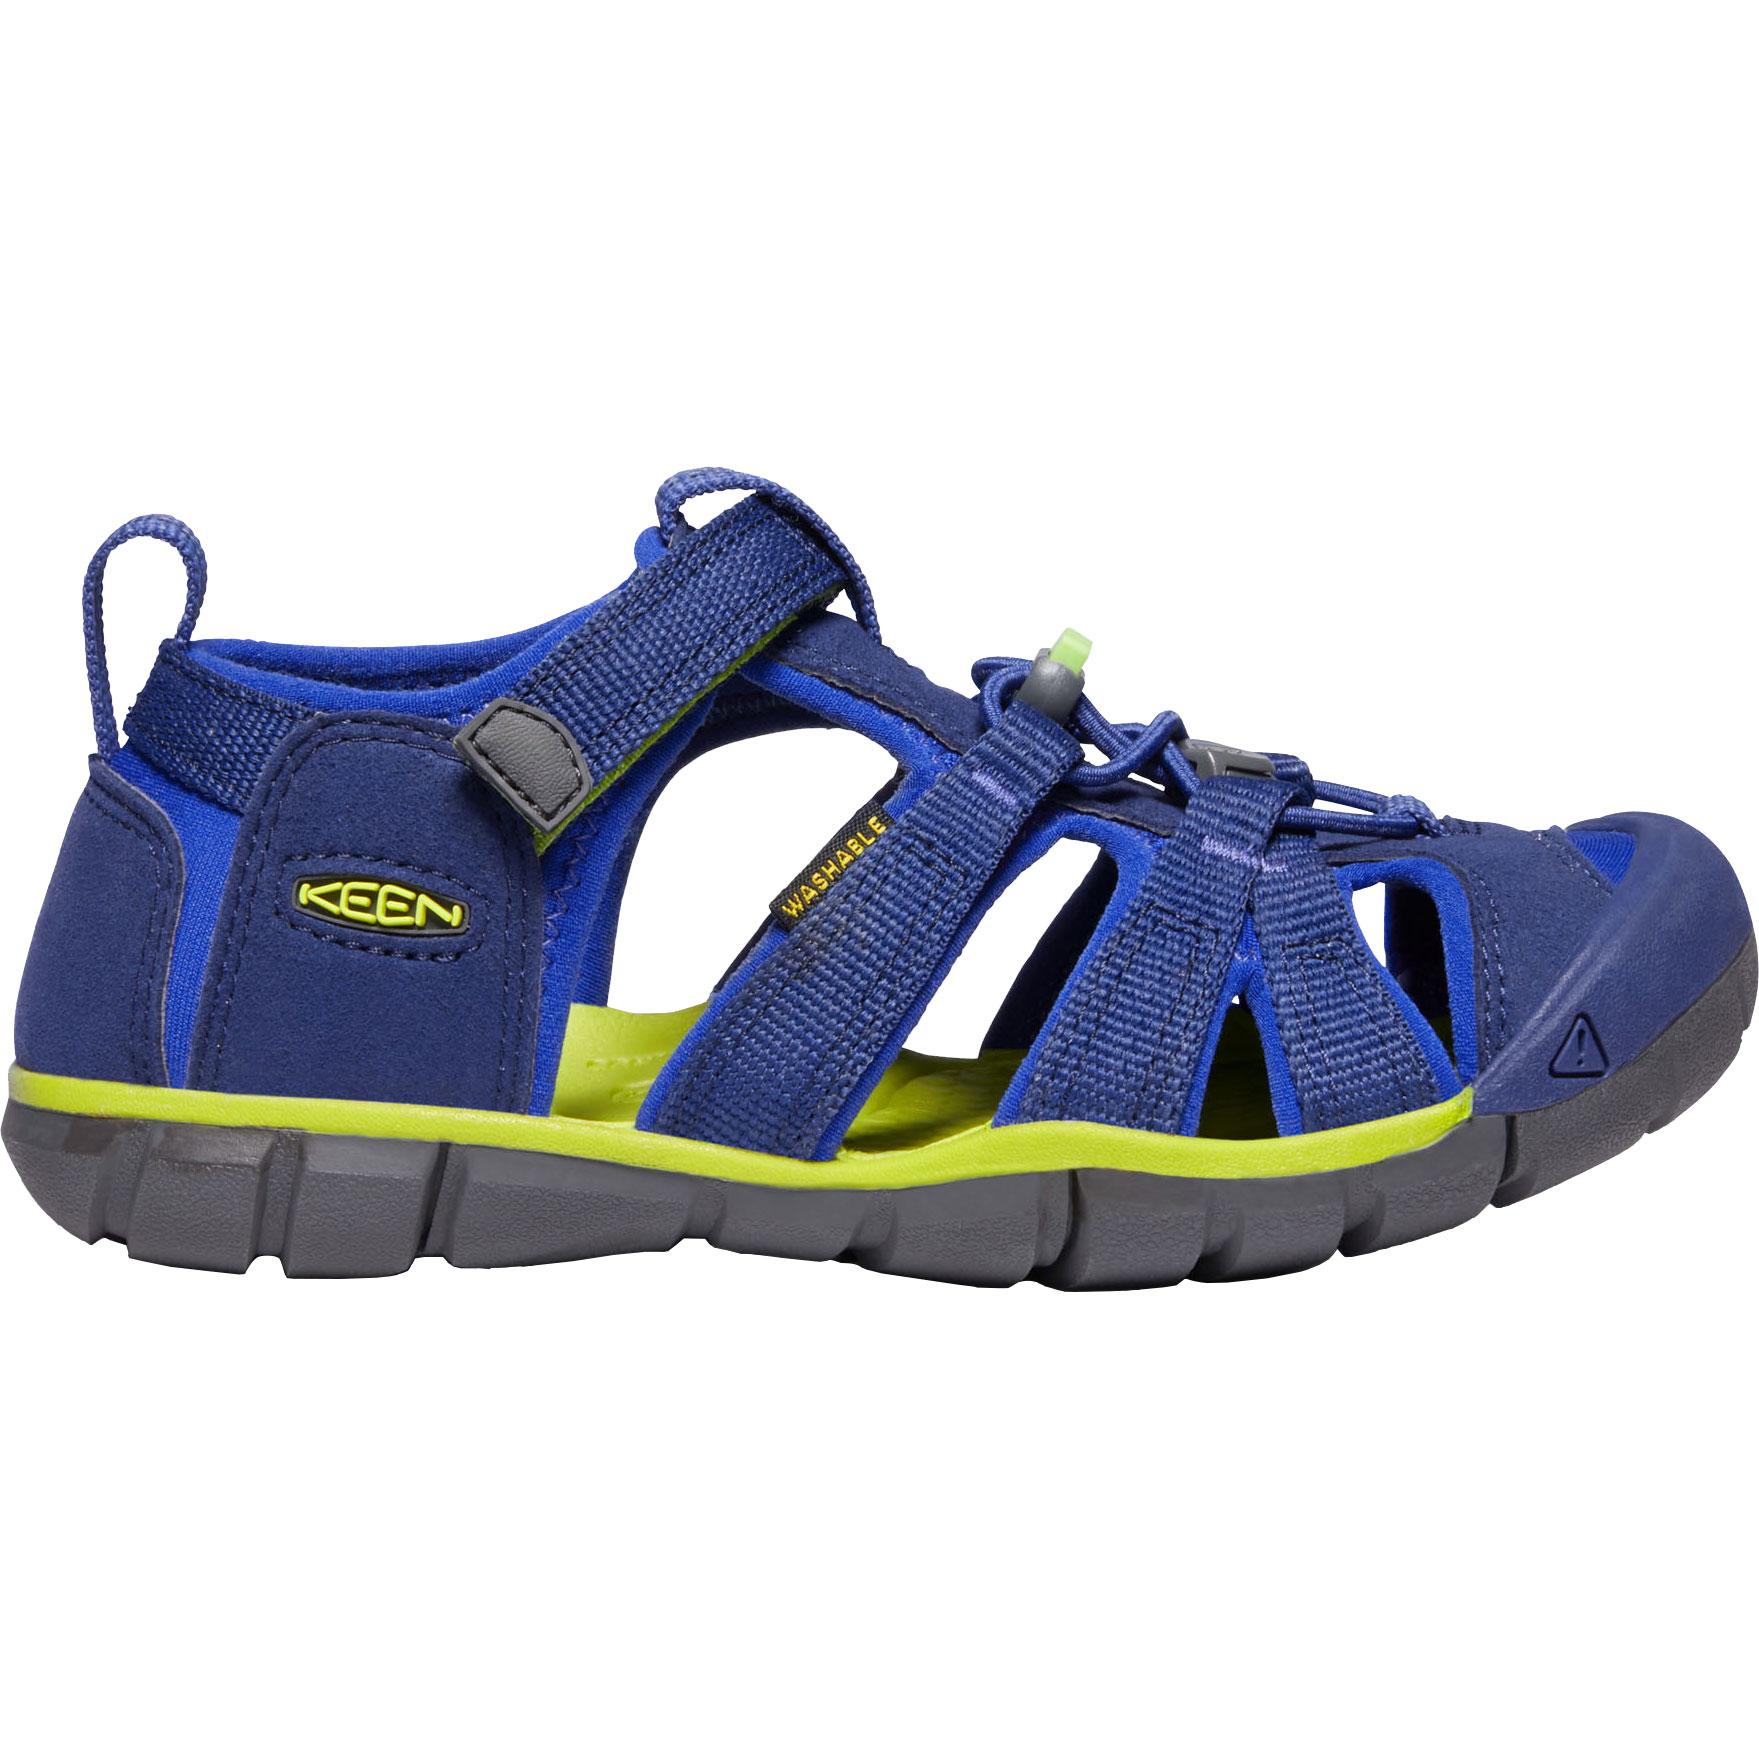 KEEN Seacamp II CNX Kids Sandal - Blue Depths / Chartreuse